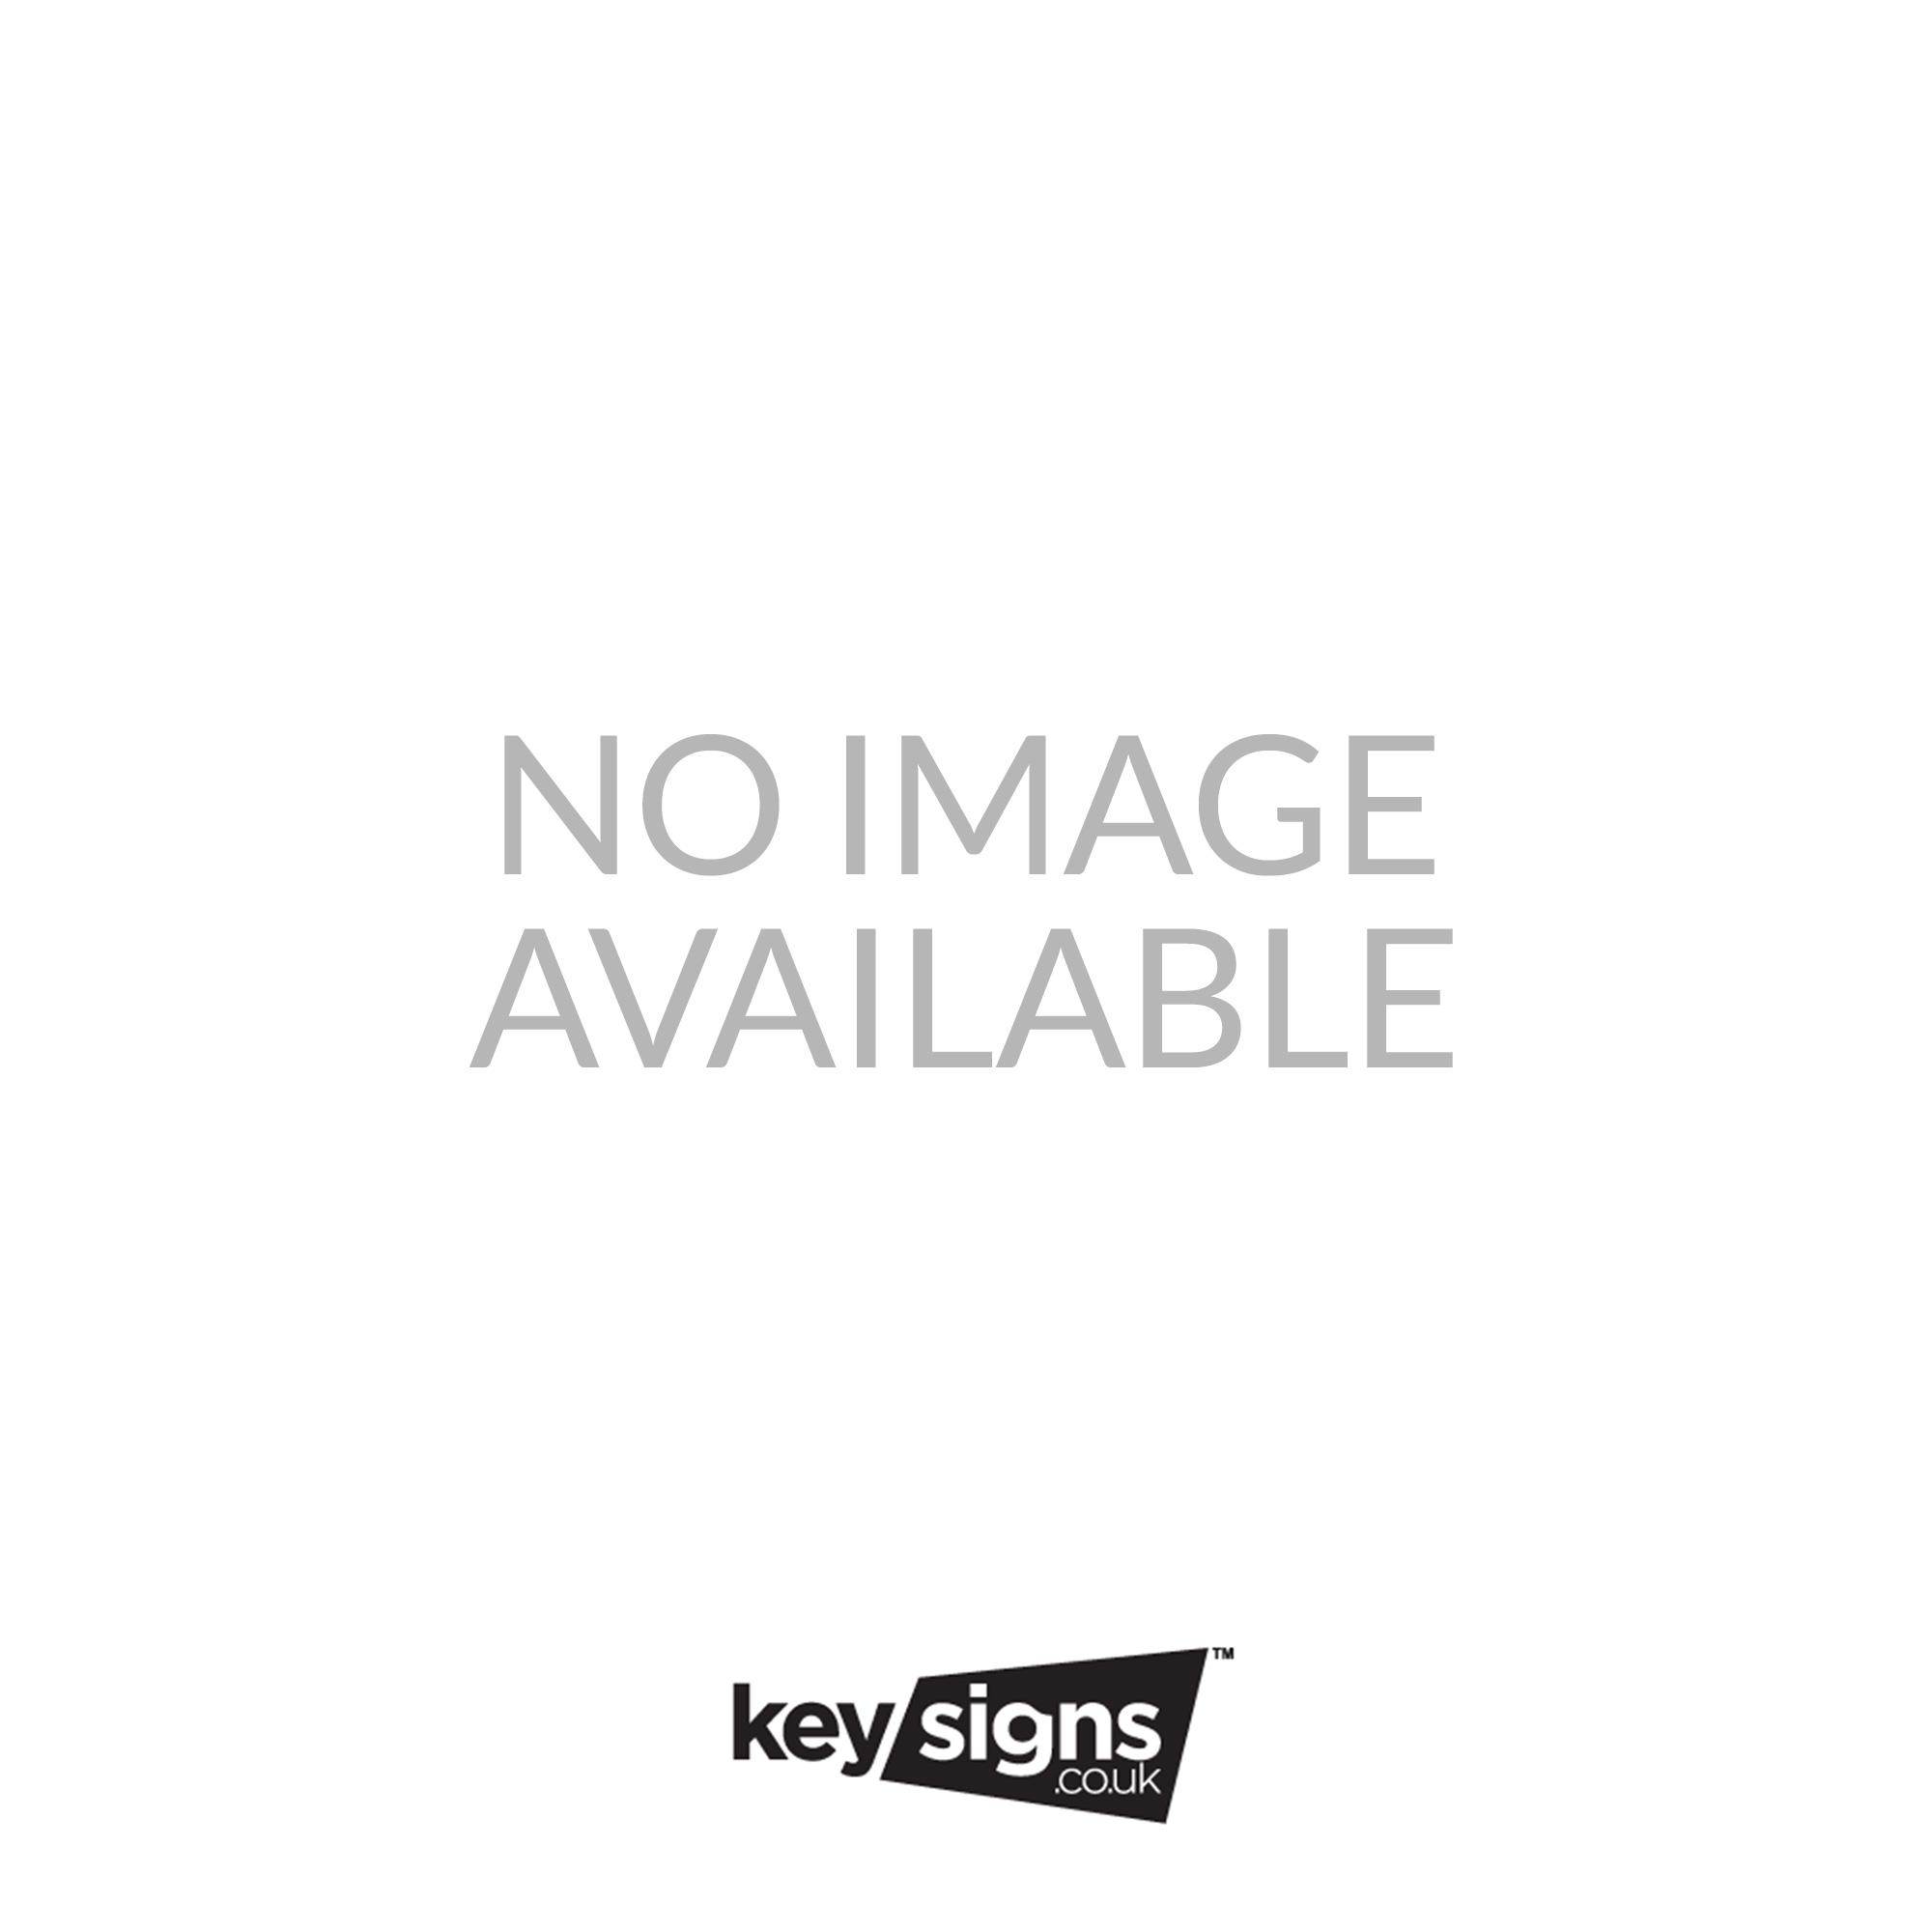 Danger Deep Water Signs